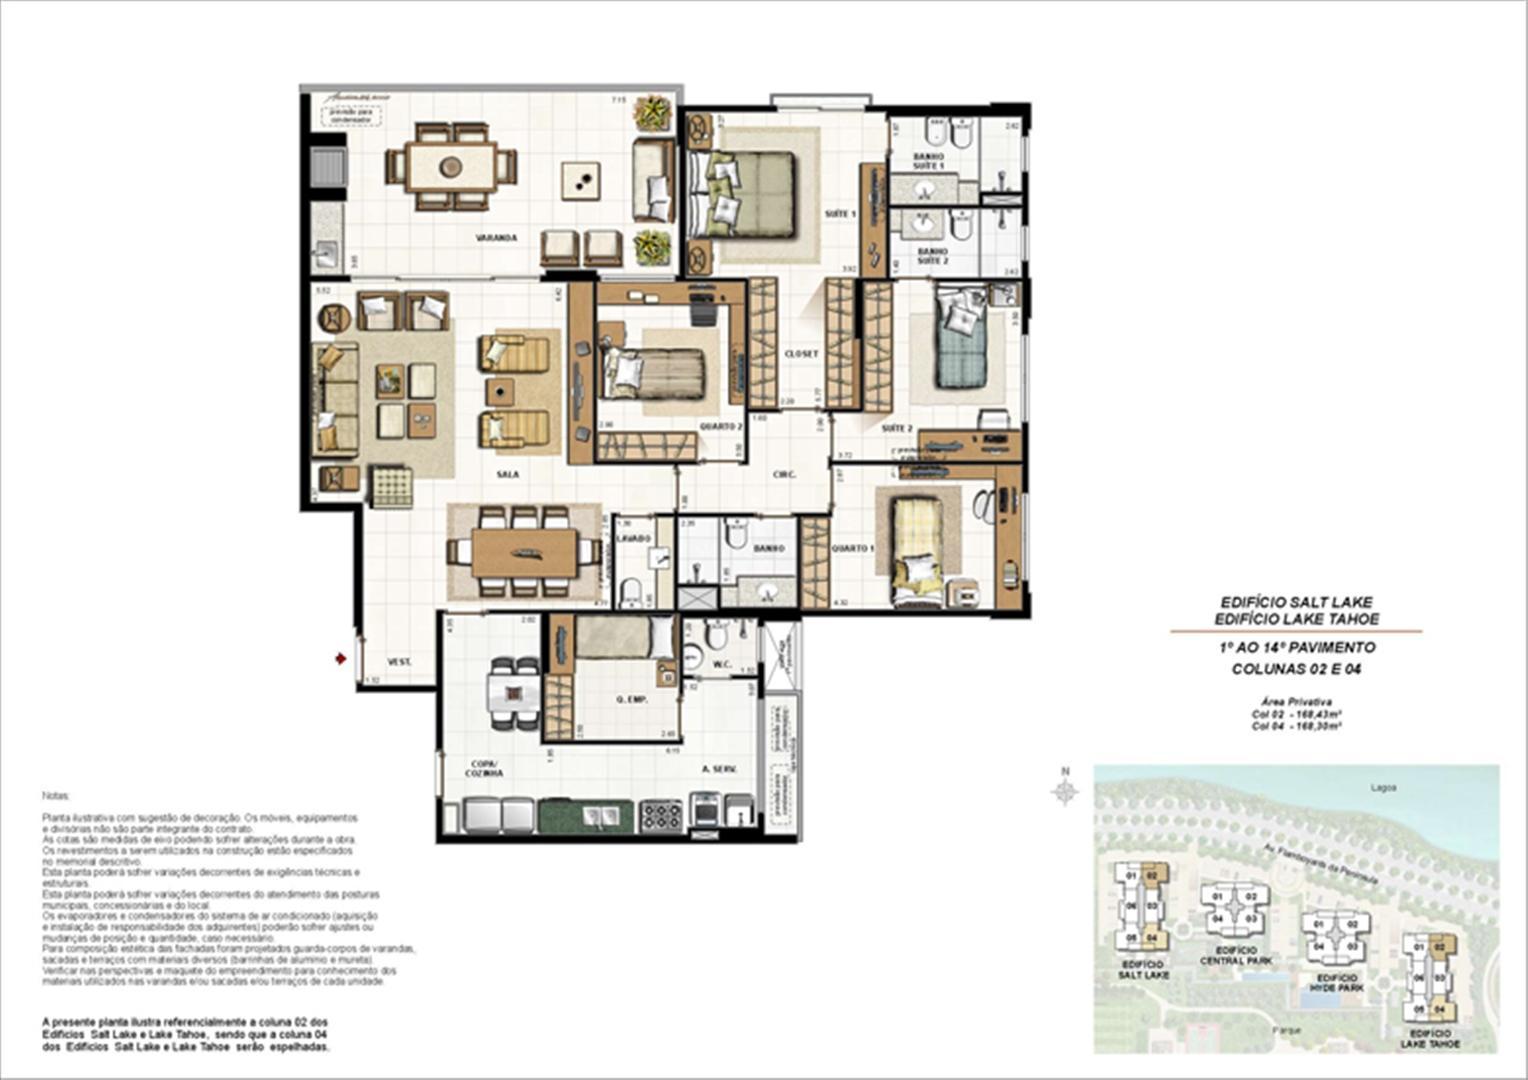 Ed. Salt Lake e Ed. Lake Tahoe - Planta Tipo 168 m² | 360º On The Park – Apartamento na  Barra da Tijuca - Rio de Janeiro - Rio de Janeiro